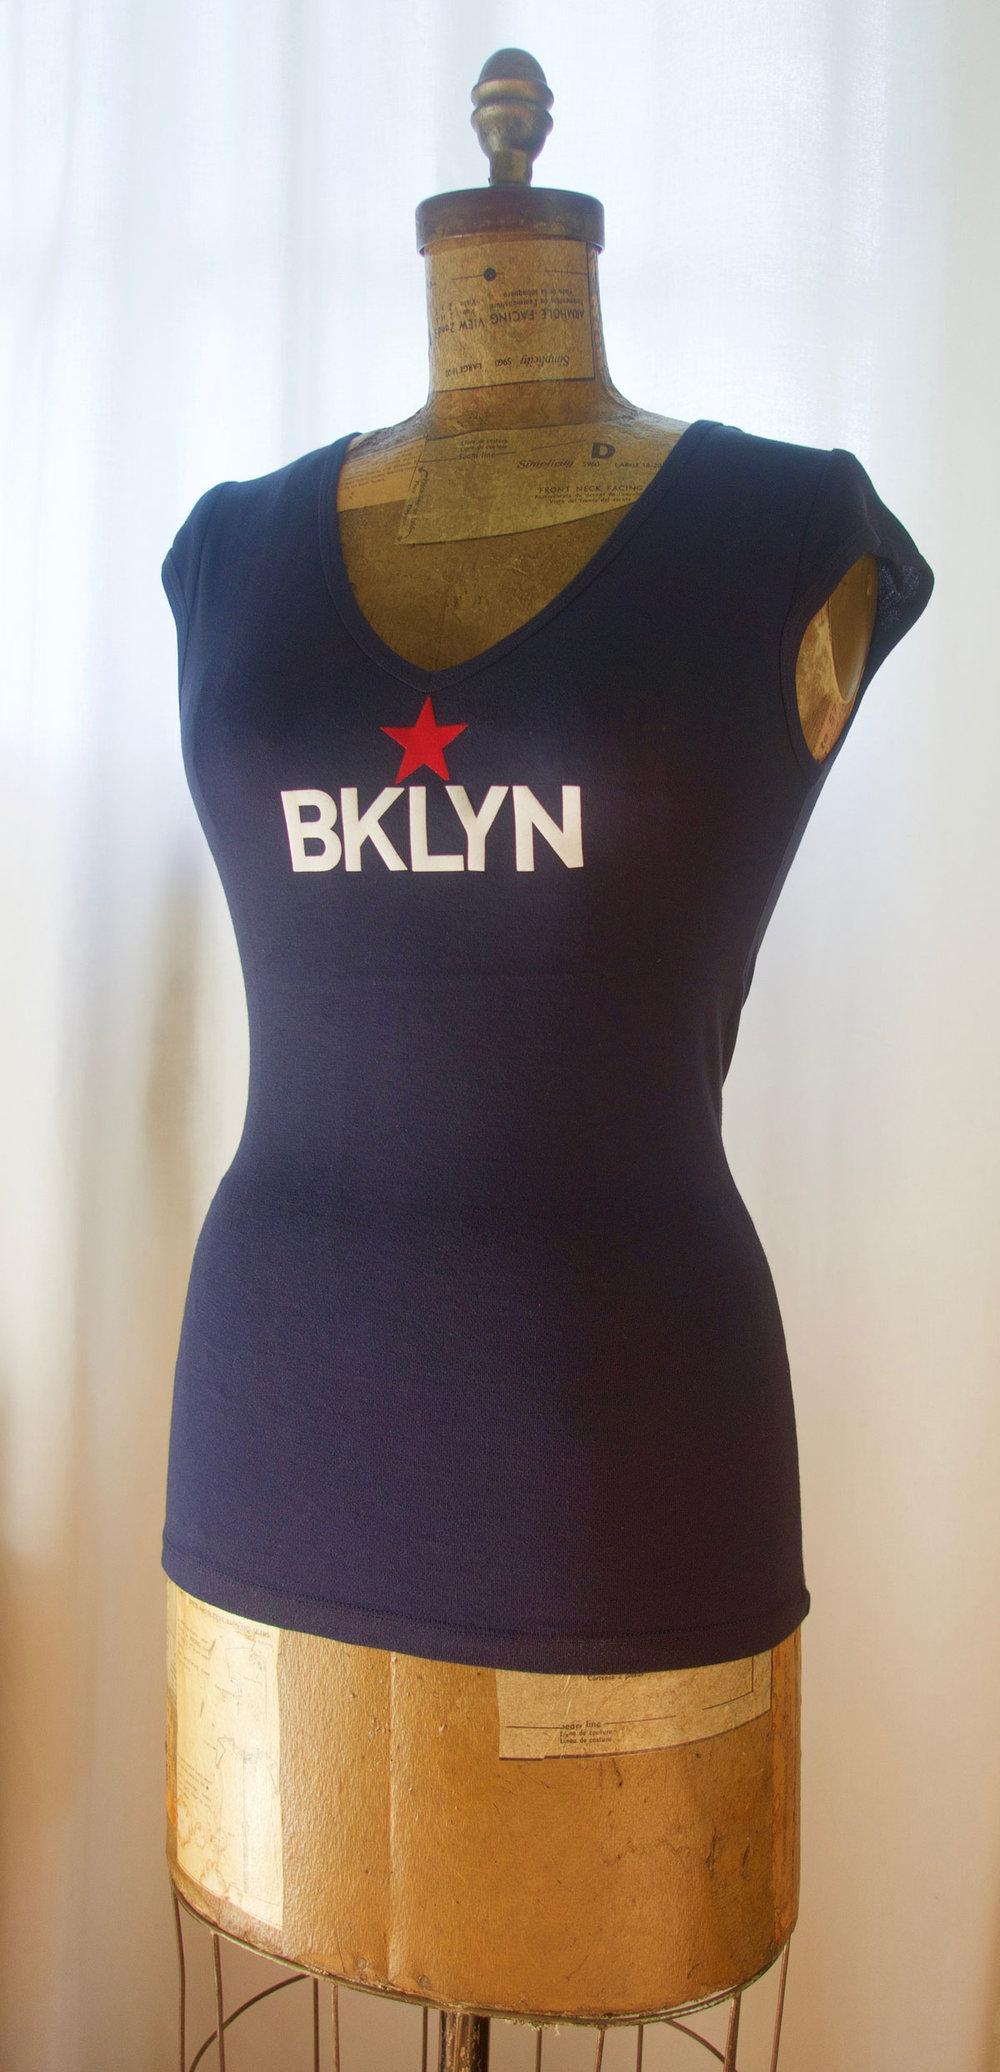 BKLYN_star3.jpg